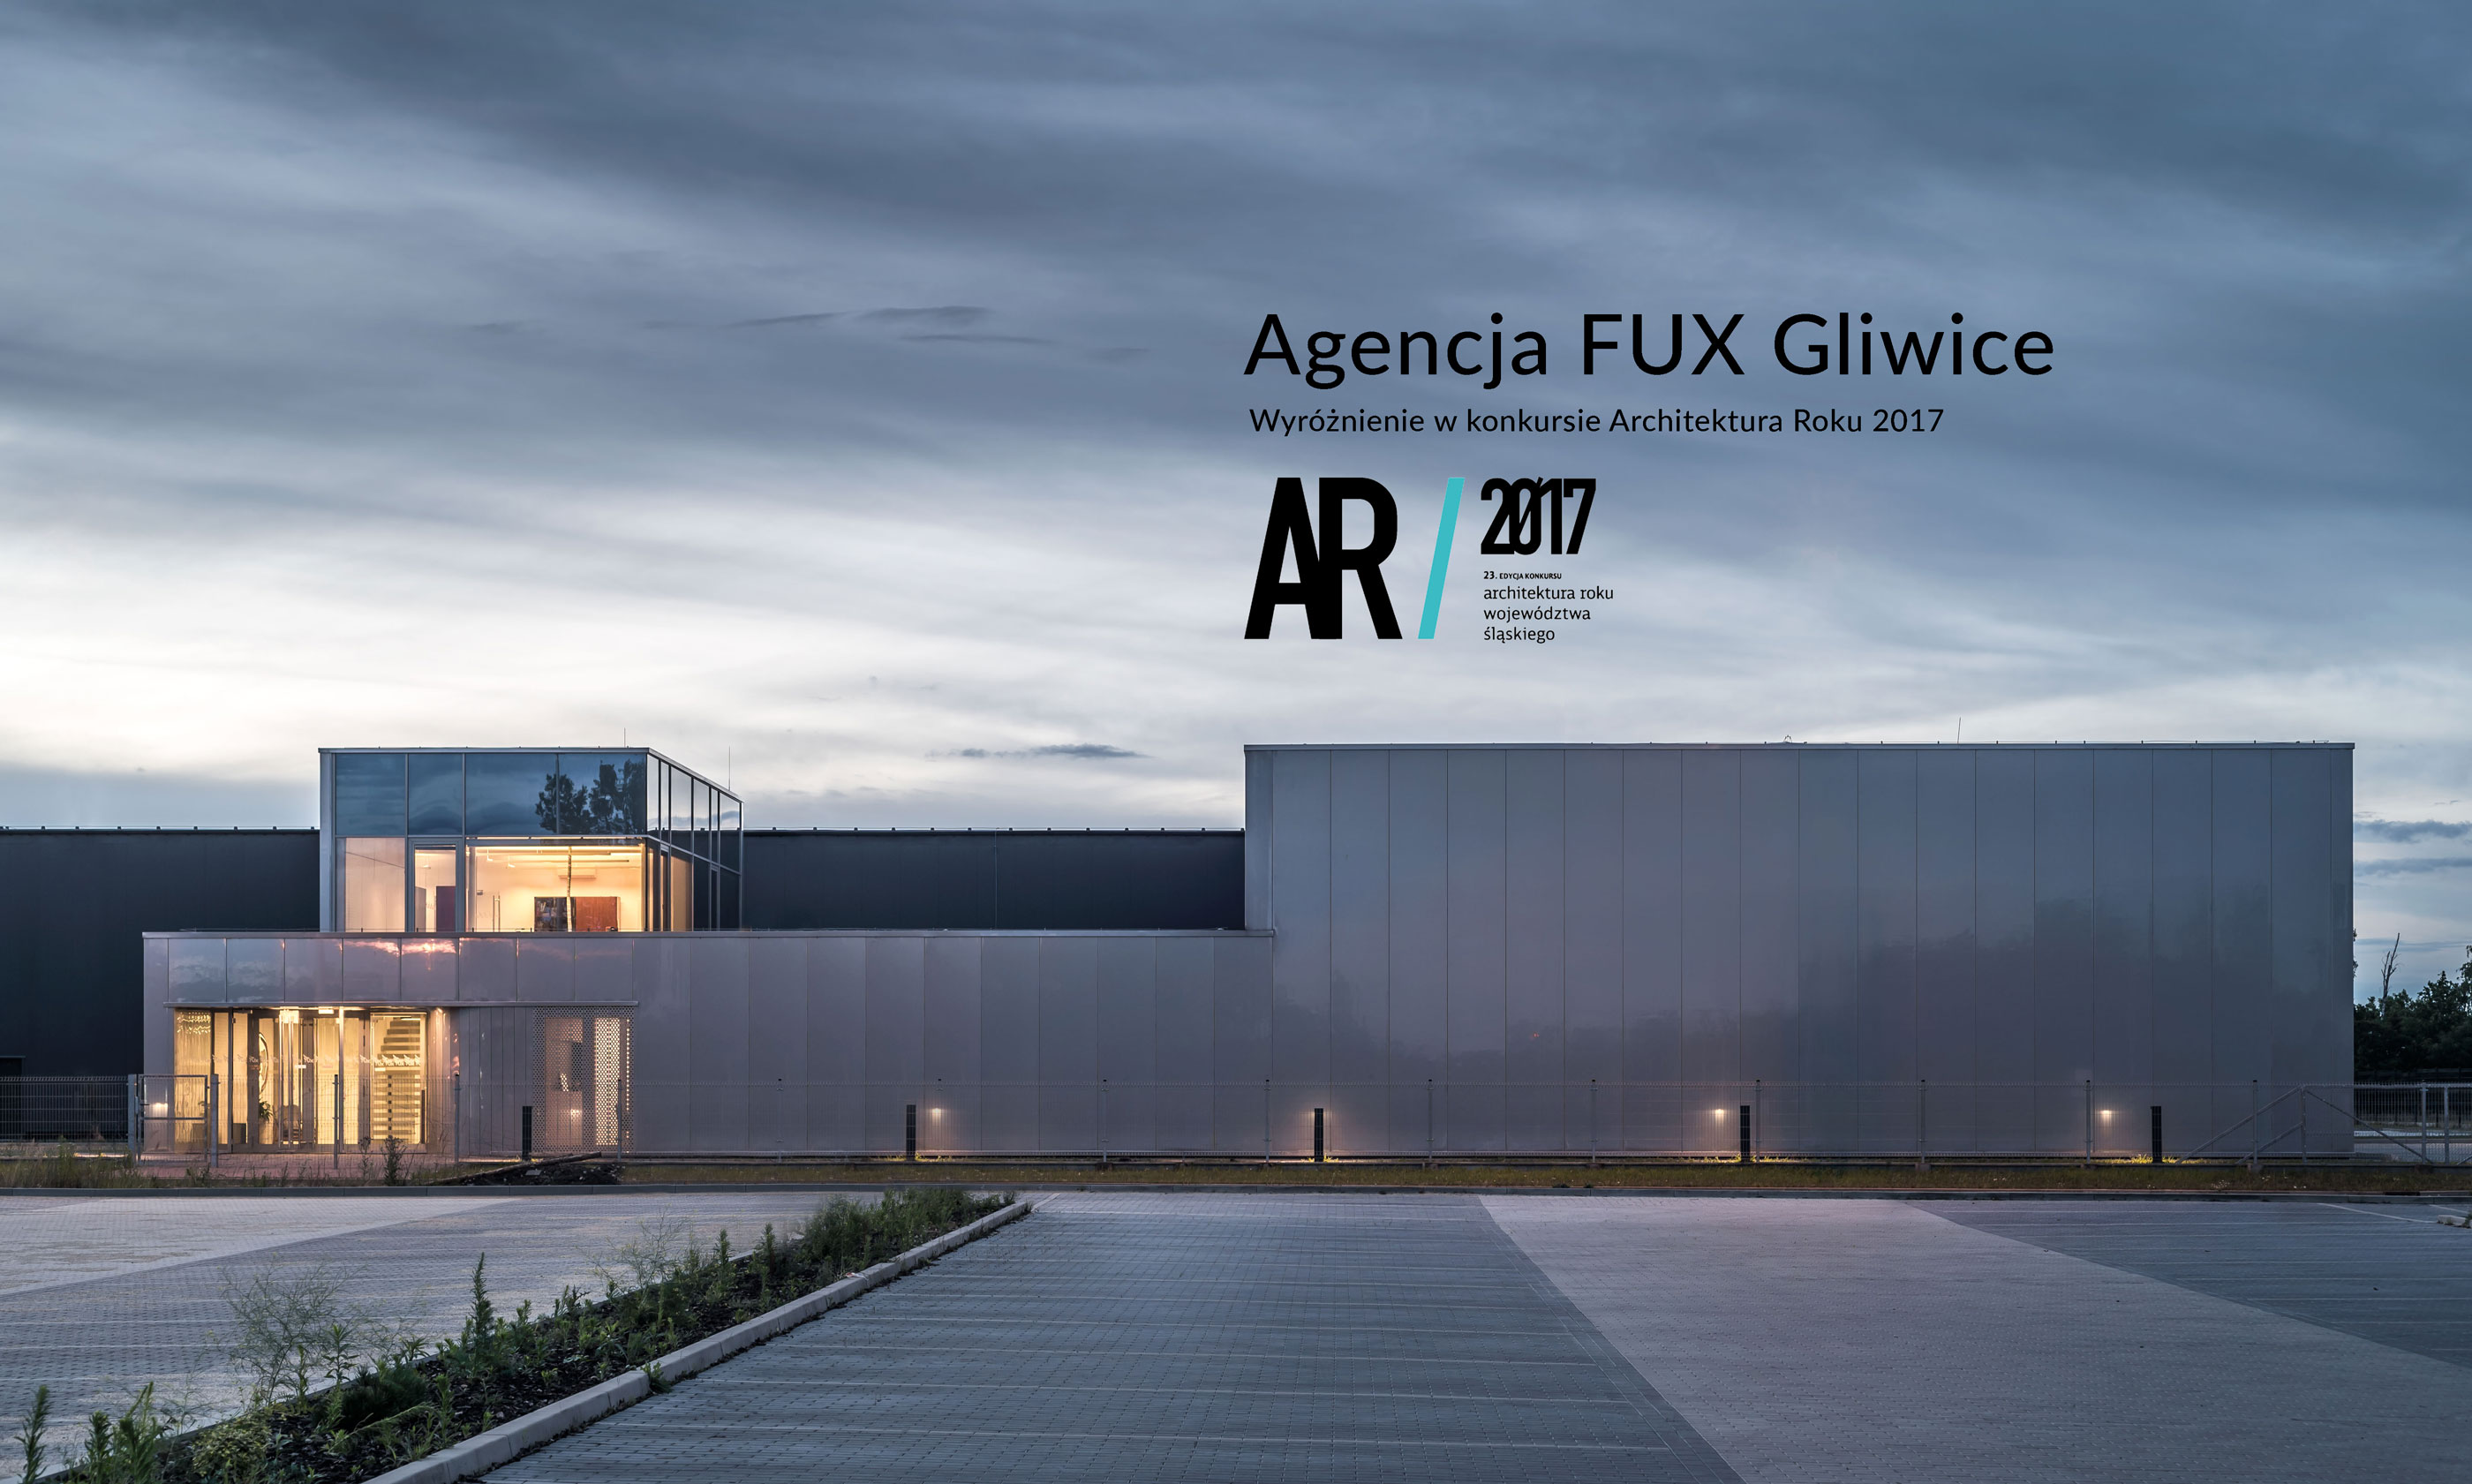 AF_GLIWICE_AR17